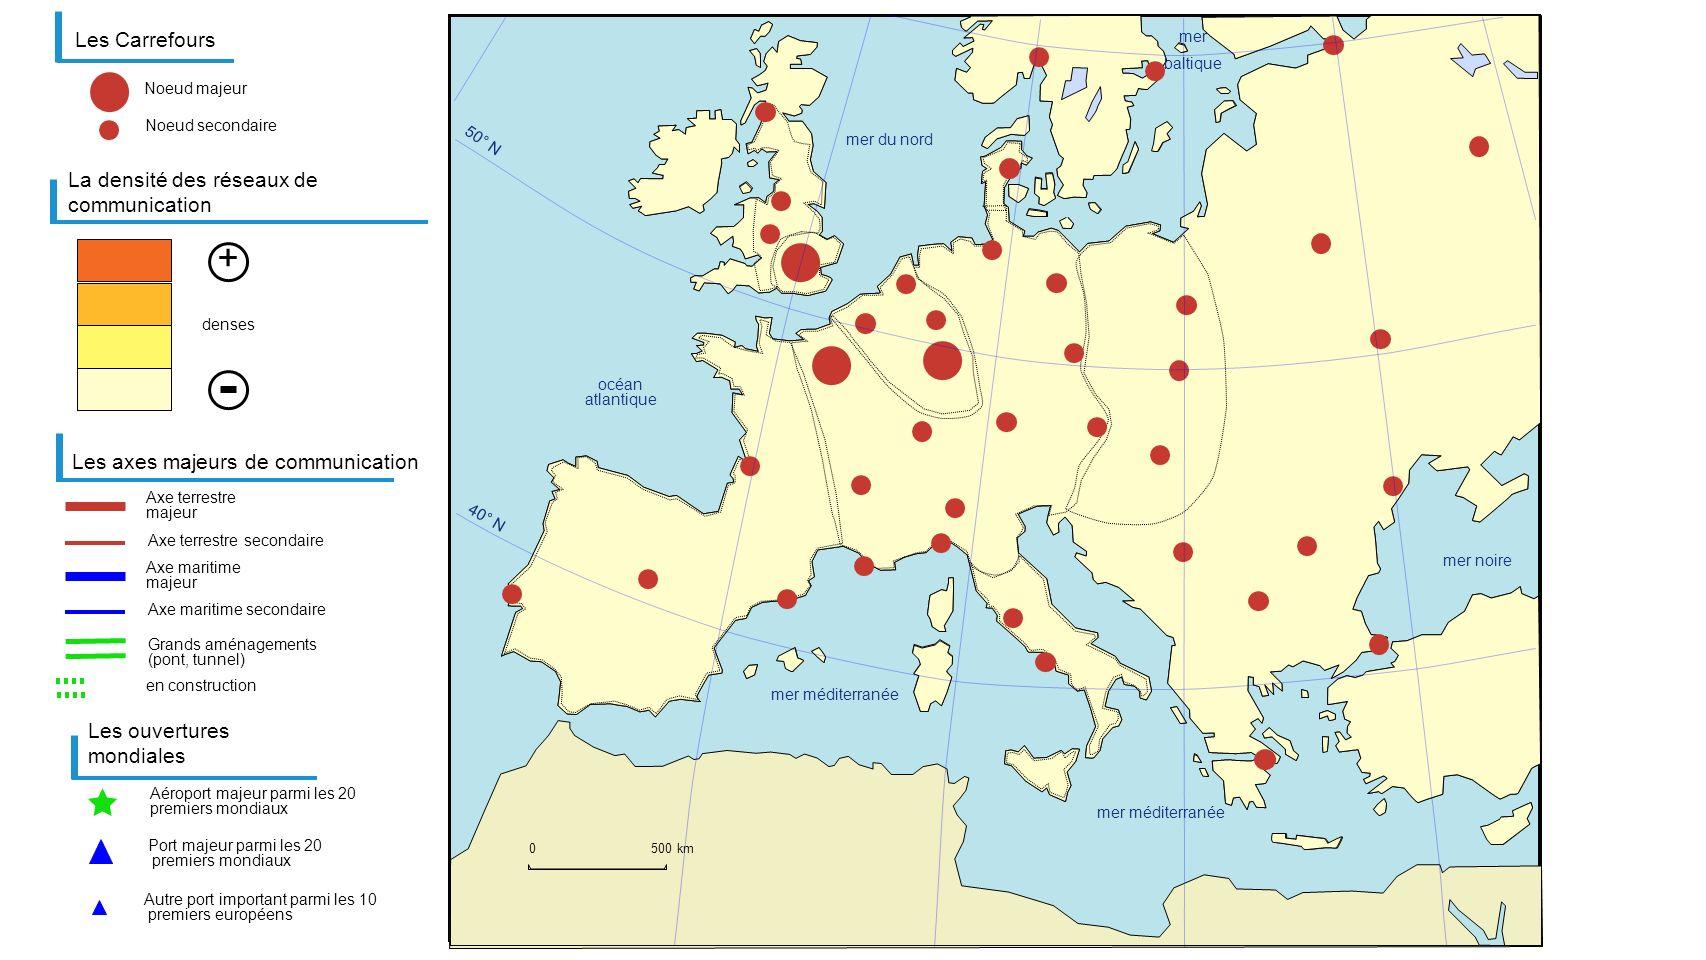 Les Carrefours Aéroport majeur parmi les 20 premiers mondiaux La densité des réseaux de communication Les axes majeurs de communication Axe terrestre